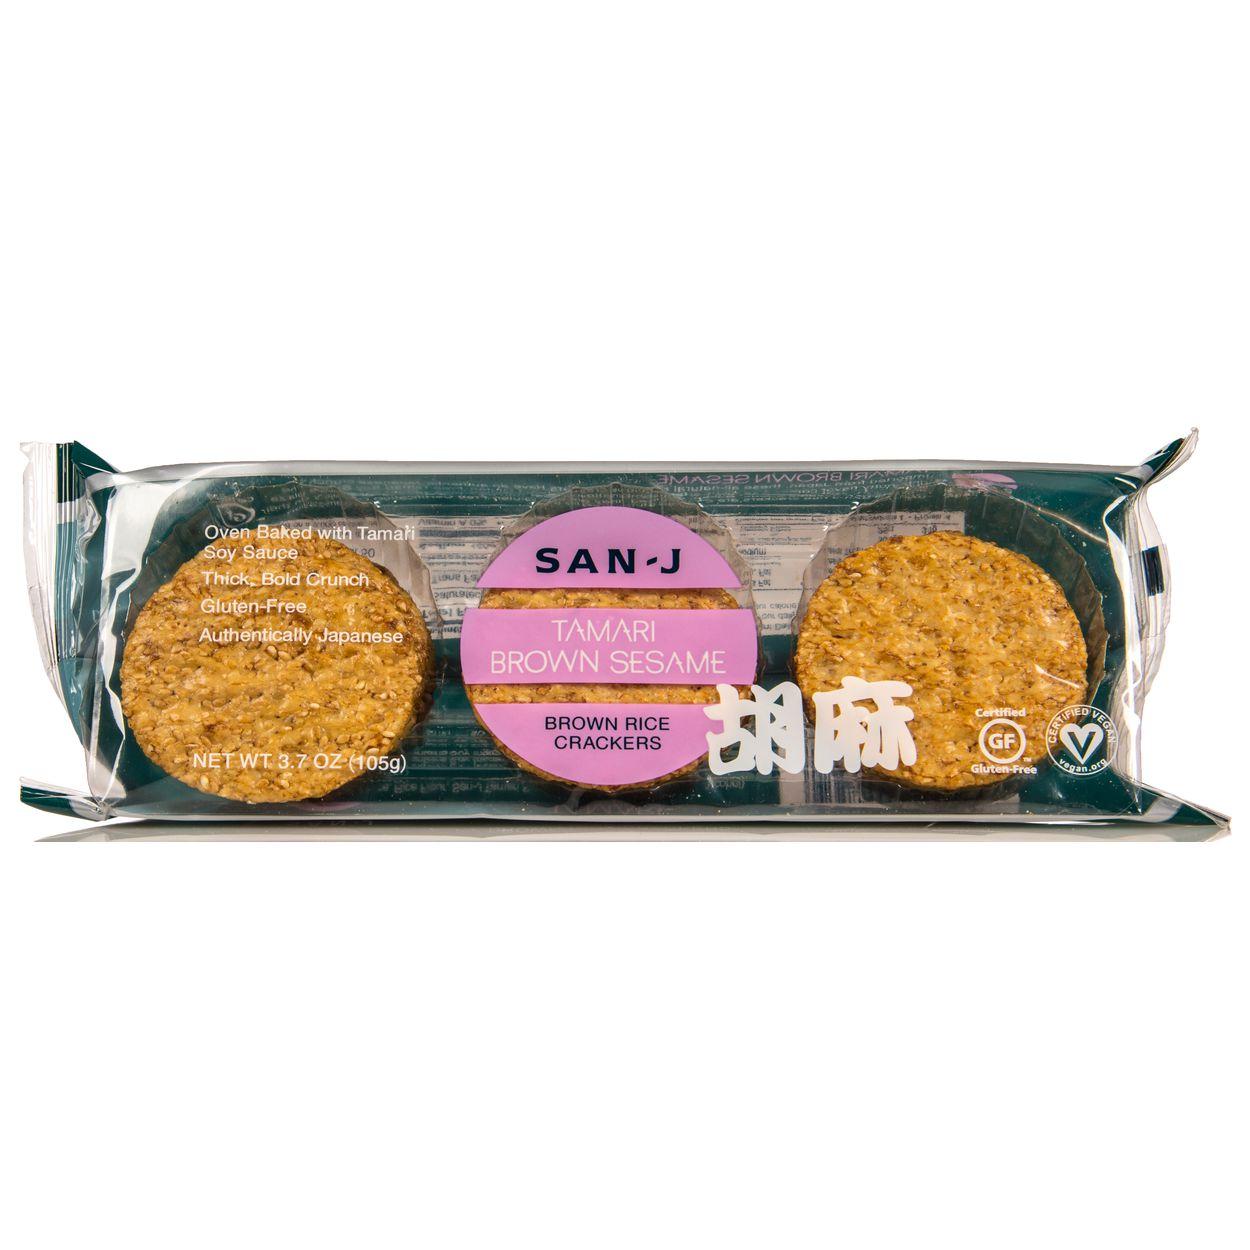 San J Tamari Brown Sesame, Brown Rice Crackers, GF Azure